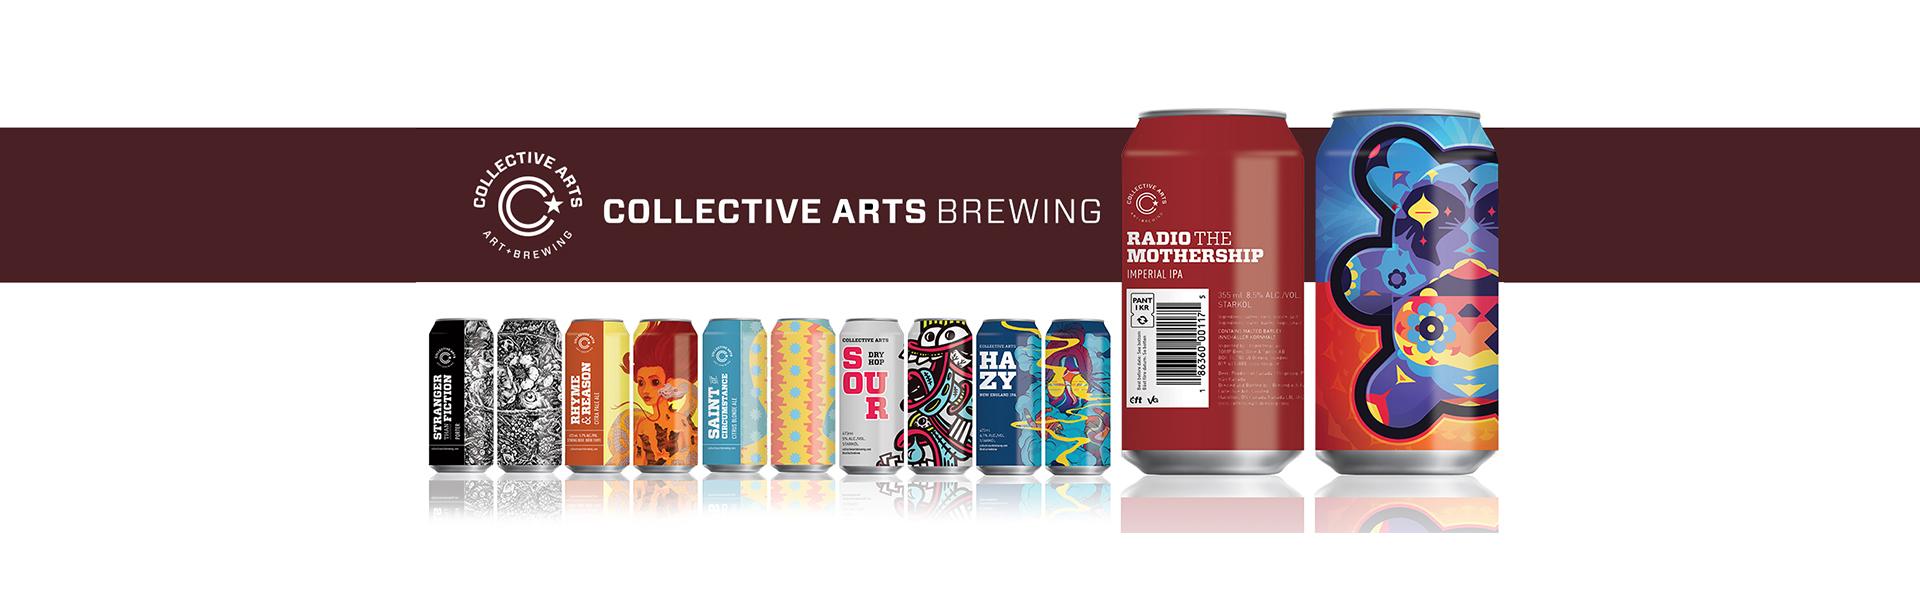 Collective Arts Brewing – konstnärligt craftbryggeri från Kanada nu äntligen i Sverige